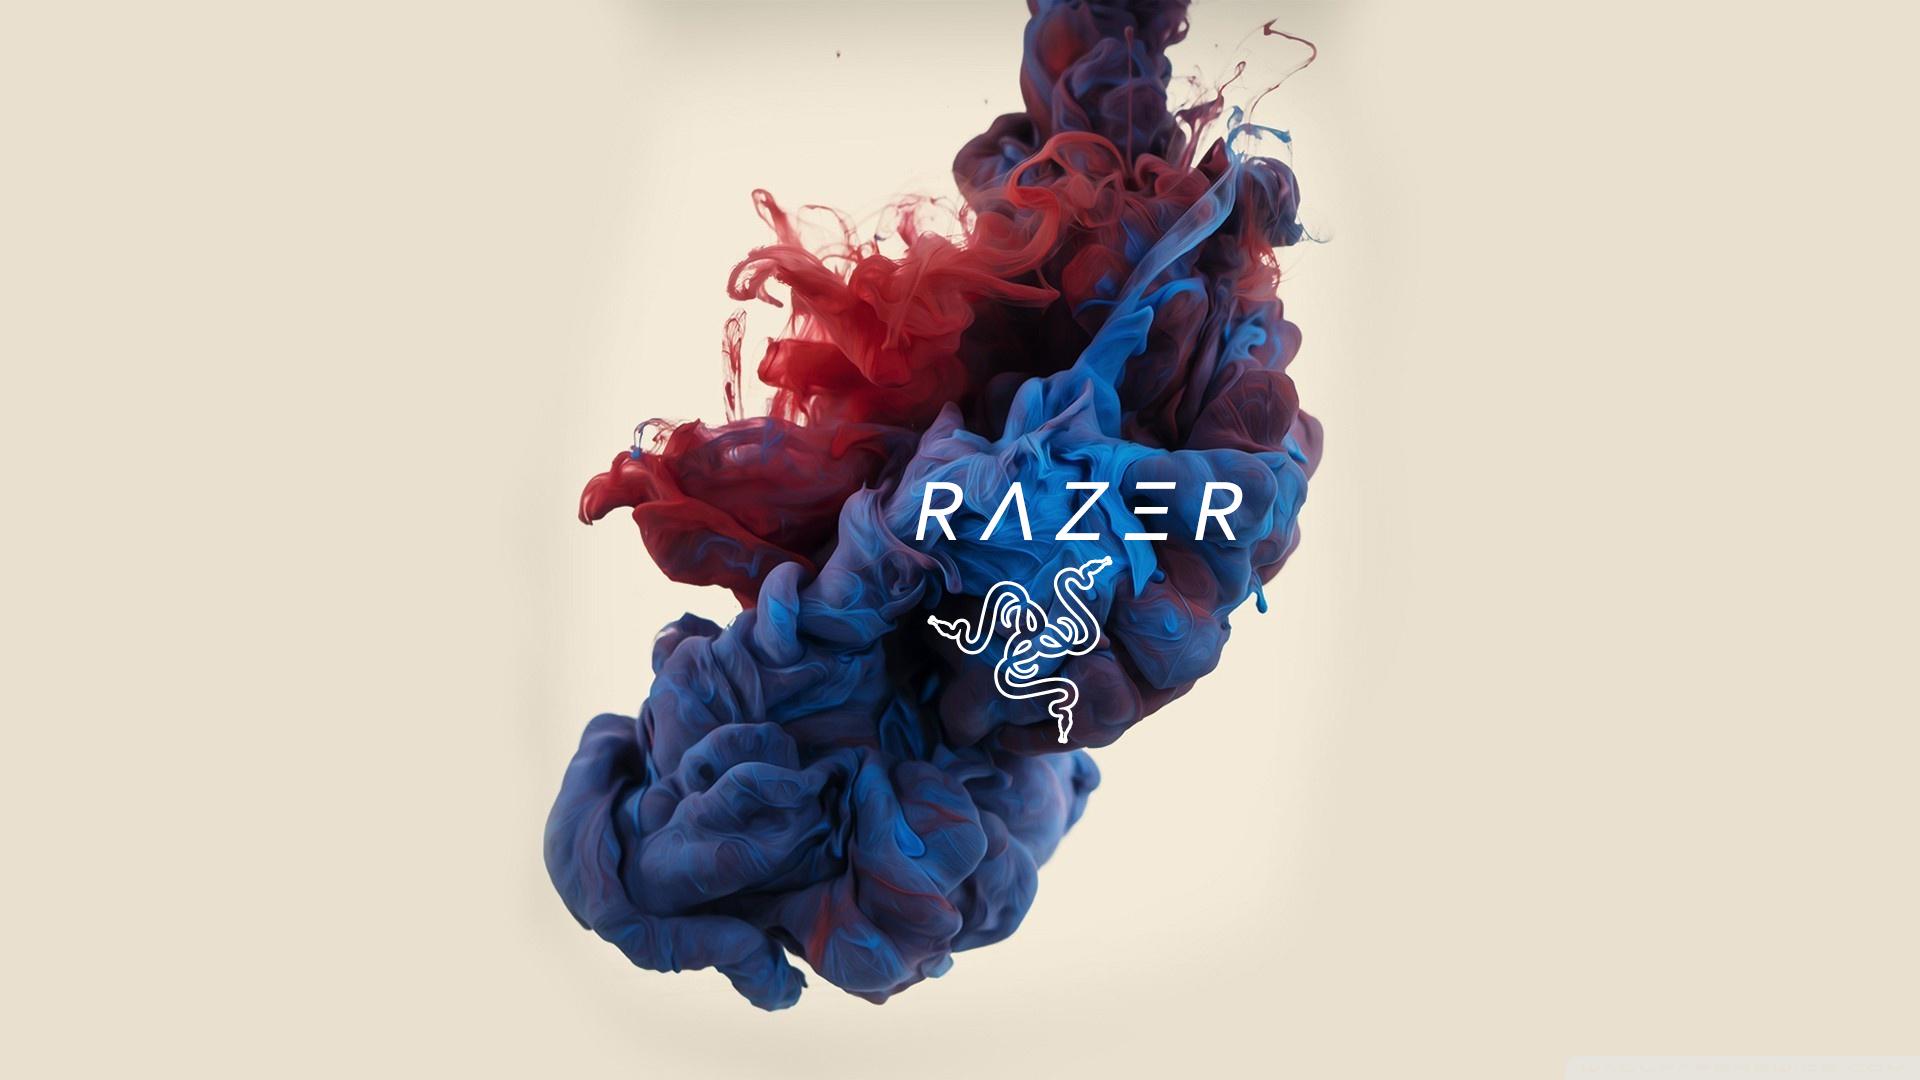 Razer ink in water wallpaper fond d 39 cran hd arri re plan 1920x1080 id 865406 wallpaper - Hd ink wallpaper ...